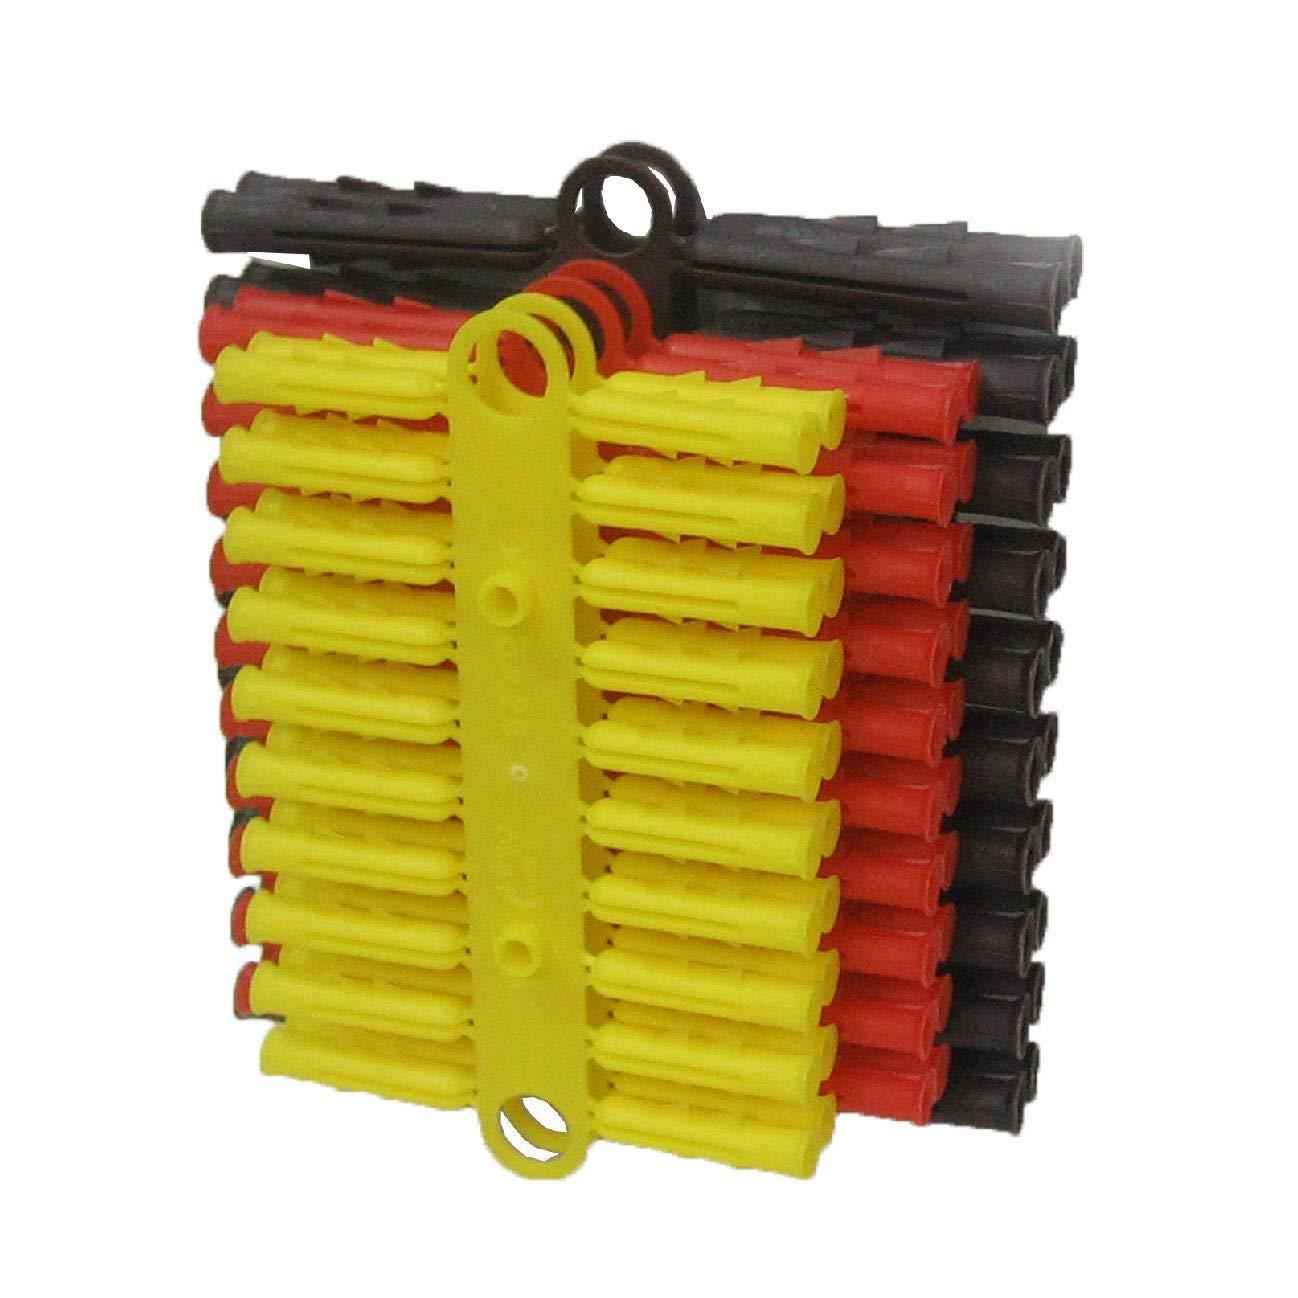 Merriway BH07204 color amarillo rojo y marr/ón varios tama/ños Juego de 40 tacos de pared